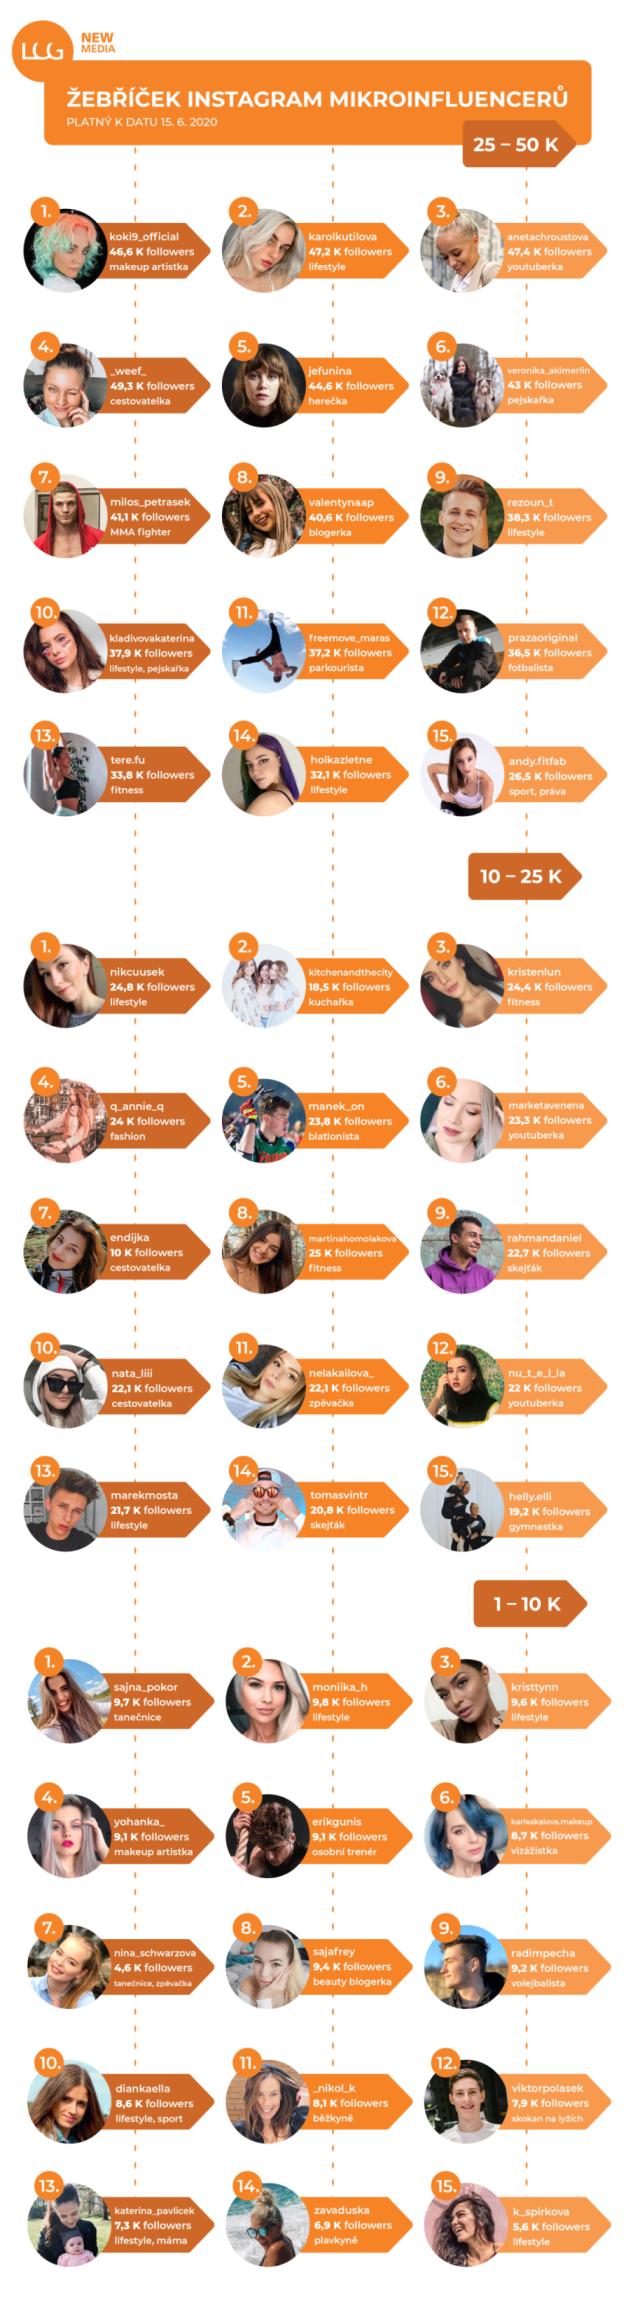 Žebříček mikroinfluencerů na instagramu 2020, zdroj: LCG Media